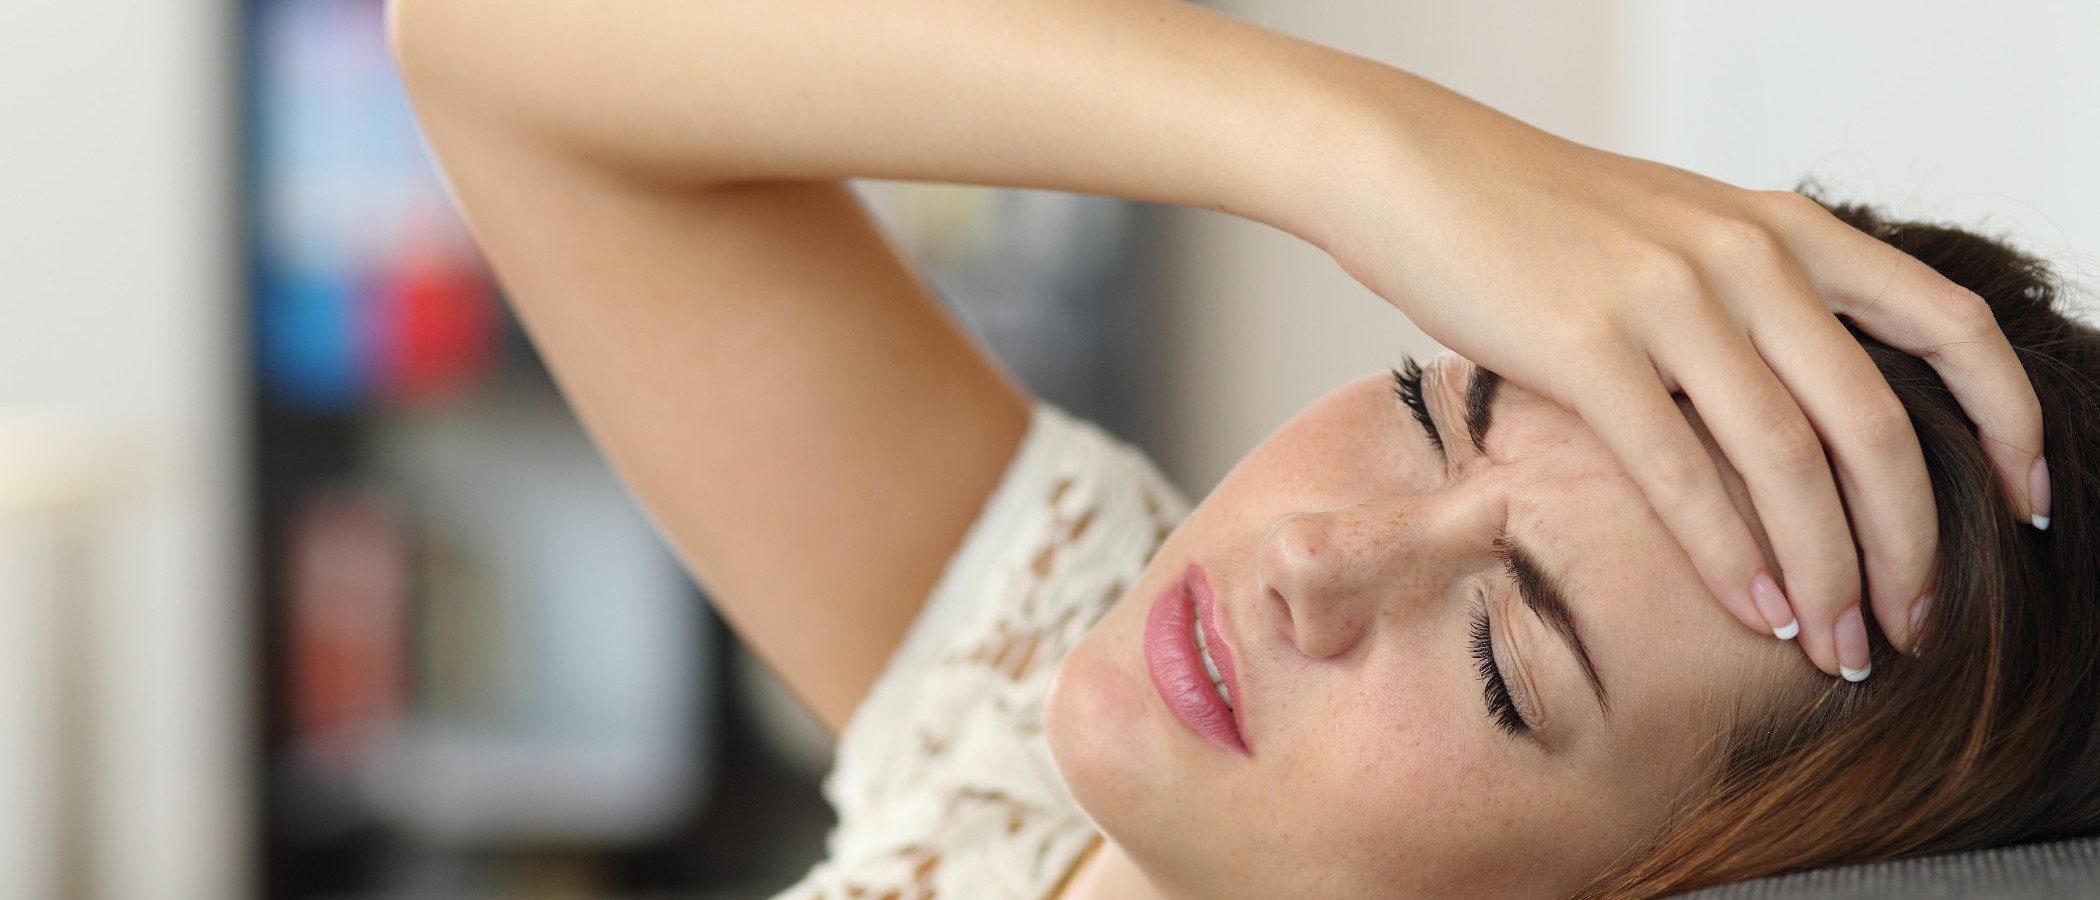 El dolor de cabeza durante el embarazo - Bekia Padres